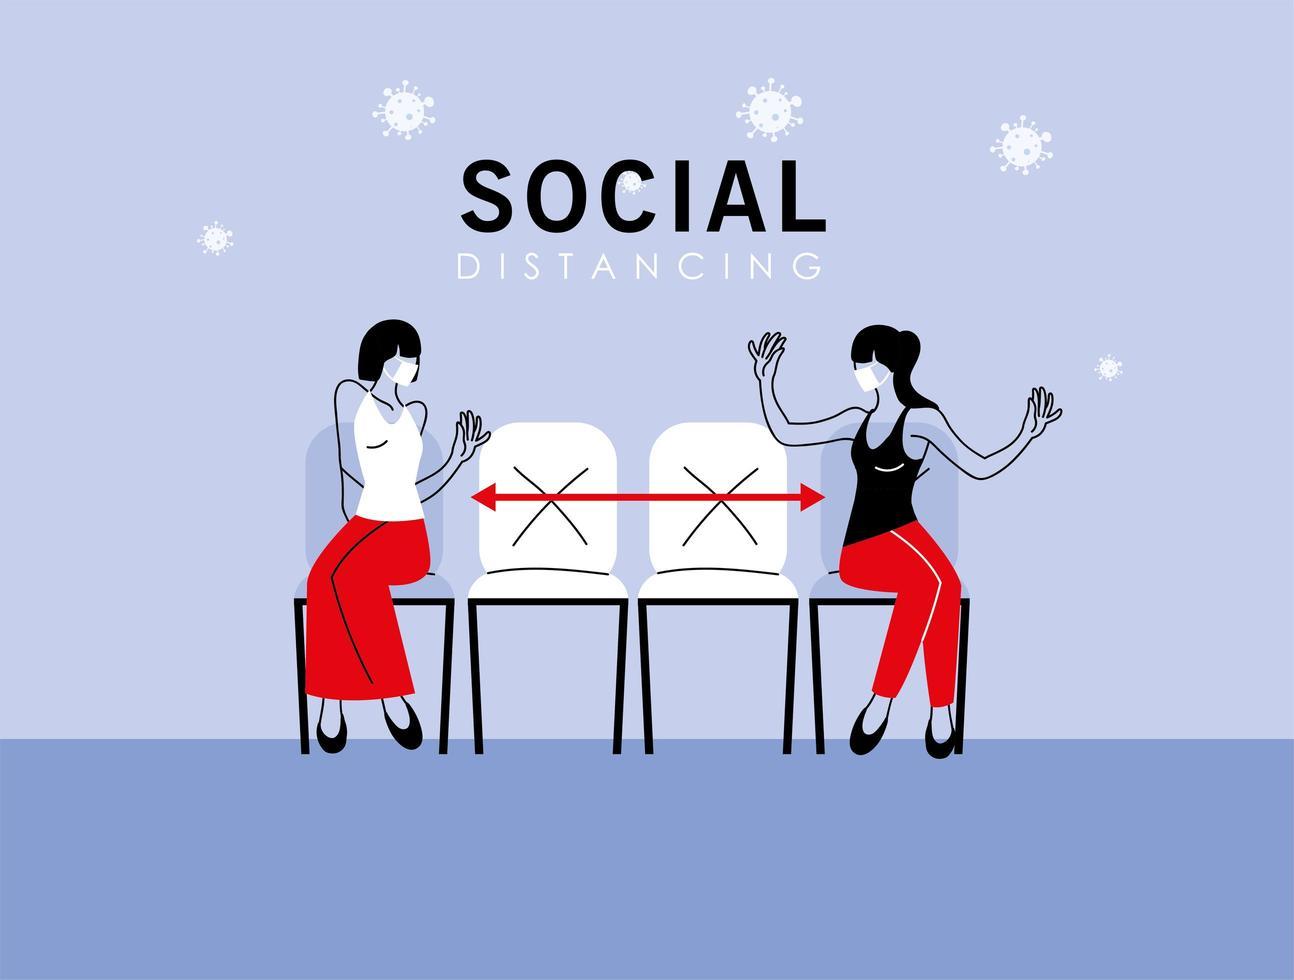 distanciamiento social entre mujeres con máscaras en sillas vector